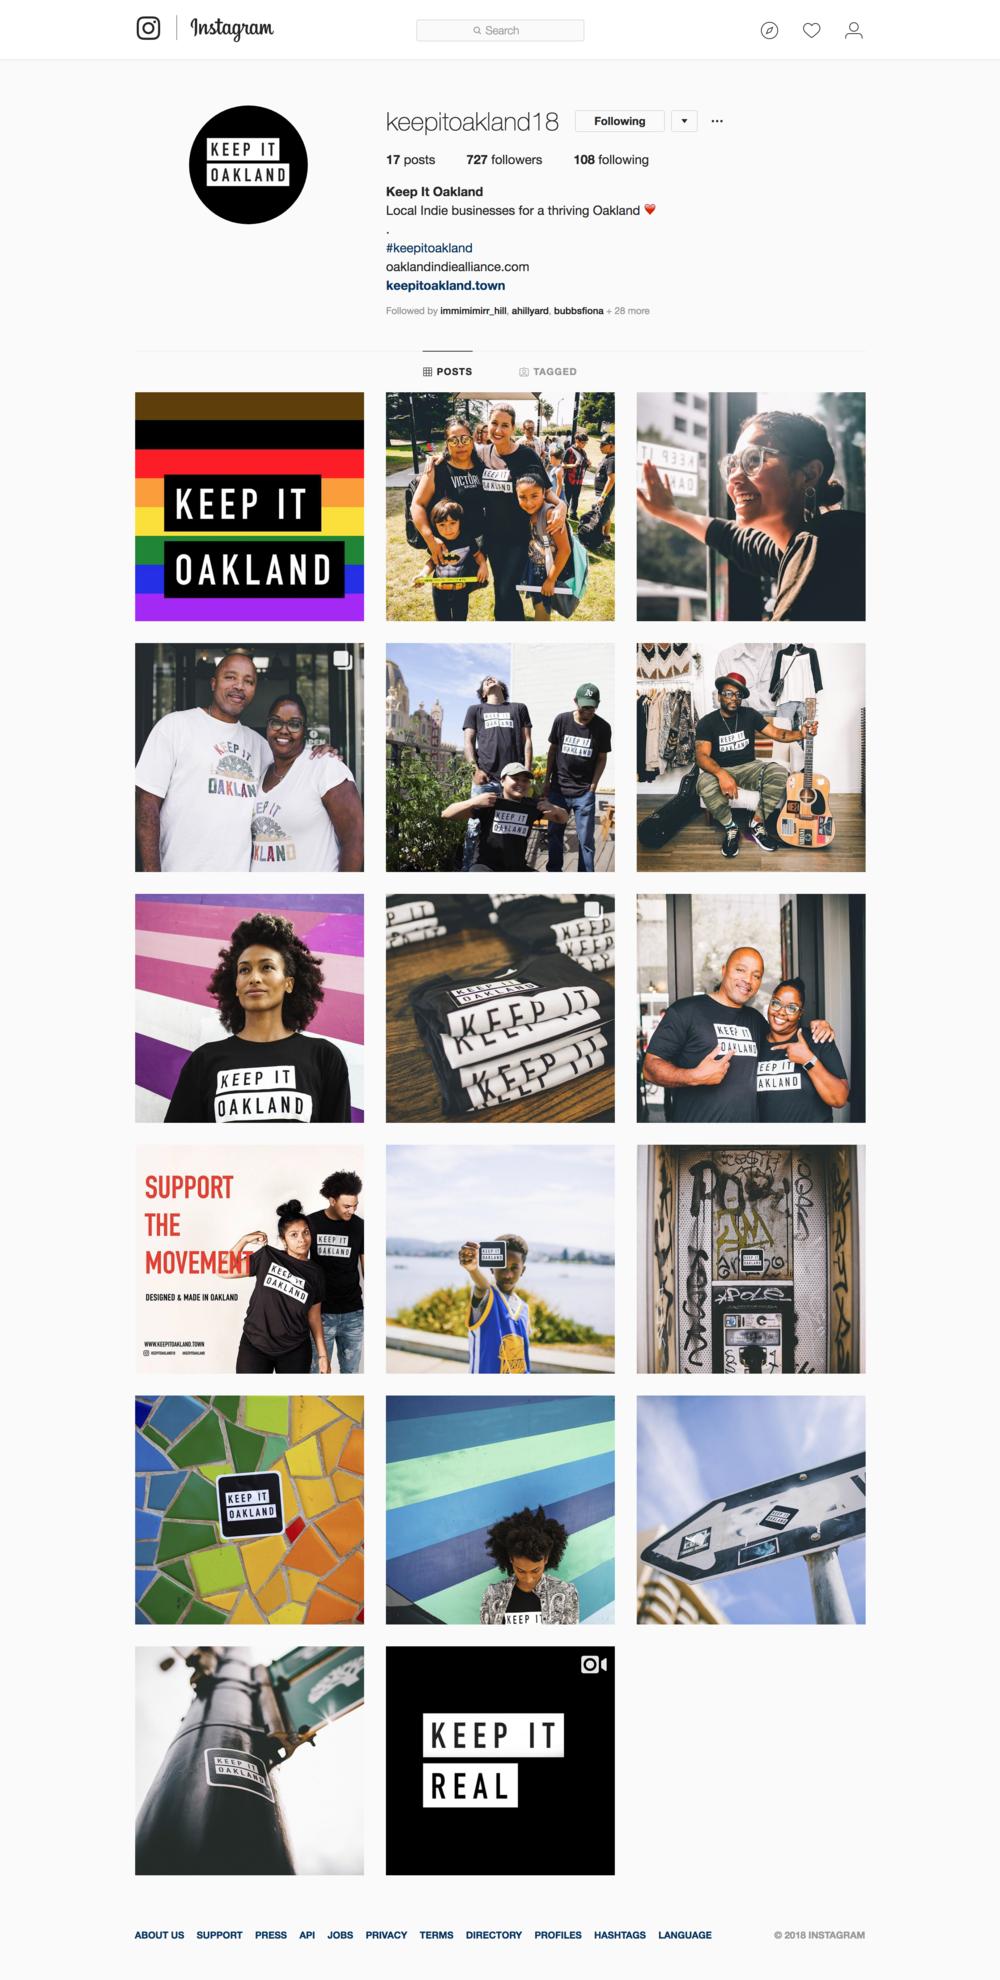 screencapture-instagram-keepitoakland18-2018-09-25-23_48_33.png